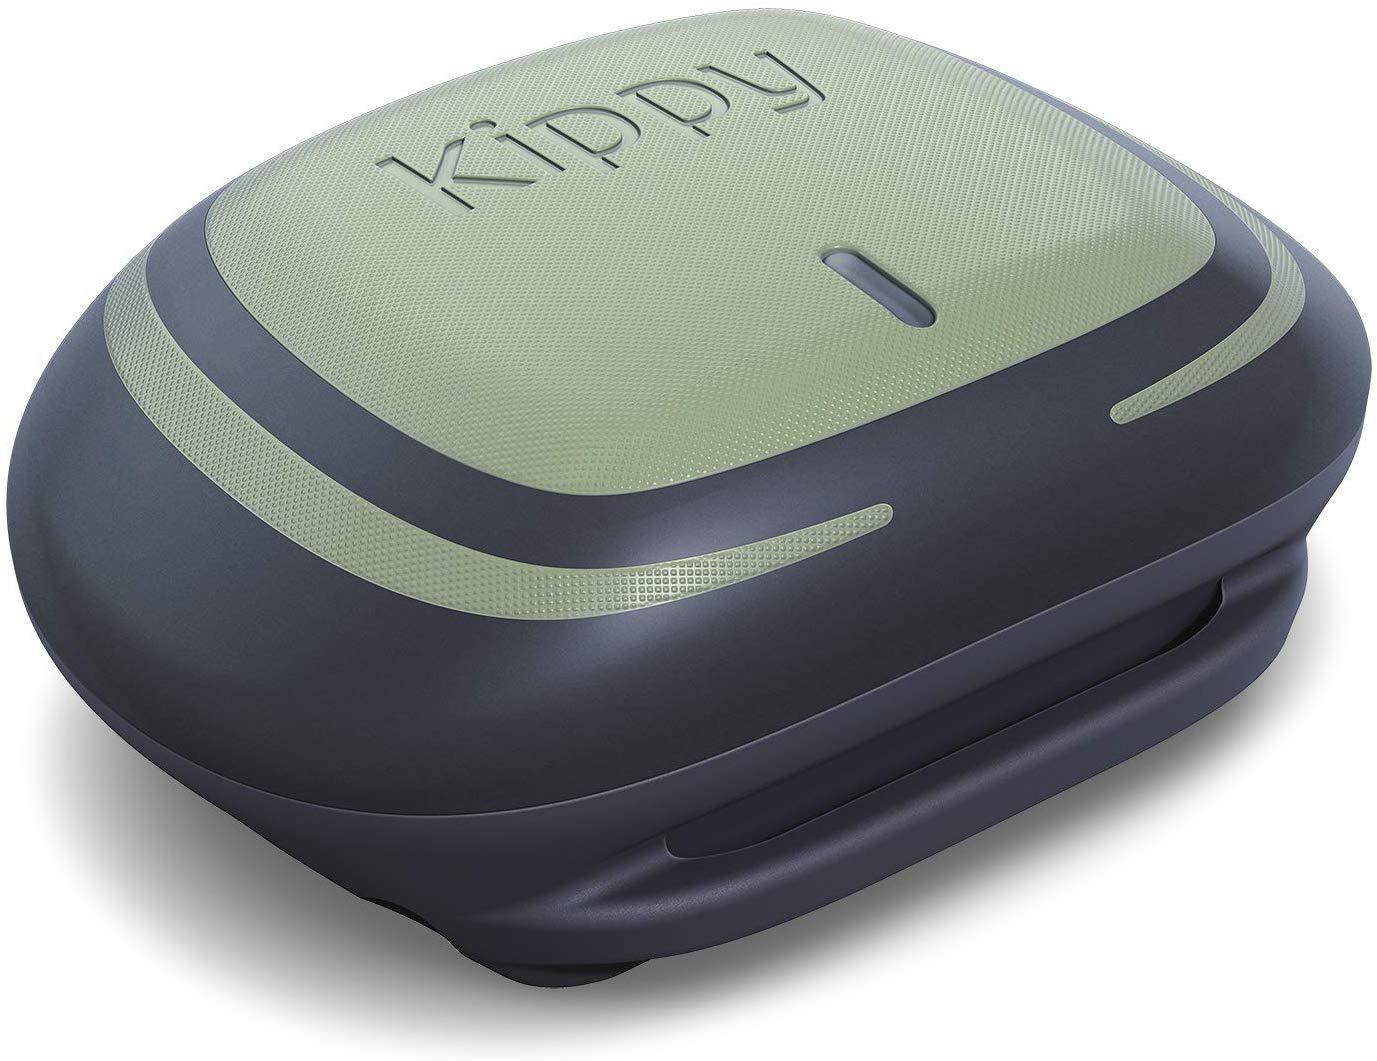 Kippy EVO V-Pet Tracker by Vodafone, Localizador GPS y Monitor de Actividad para Mascotas, Inalámbrico, Bluetooth